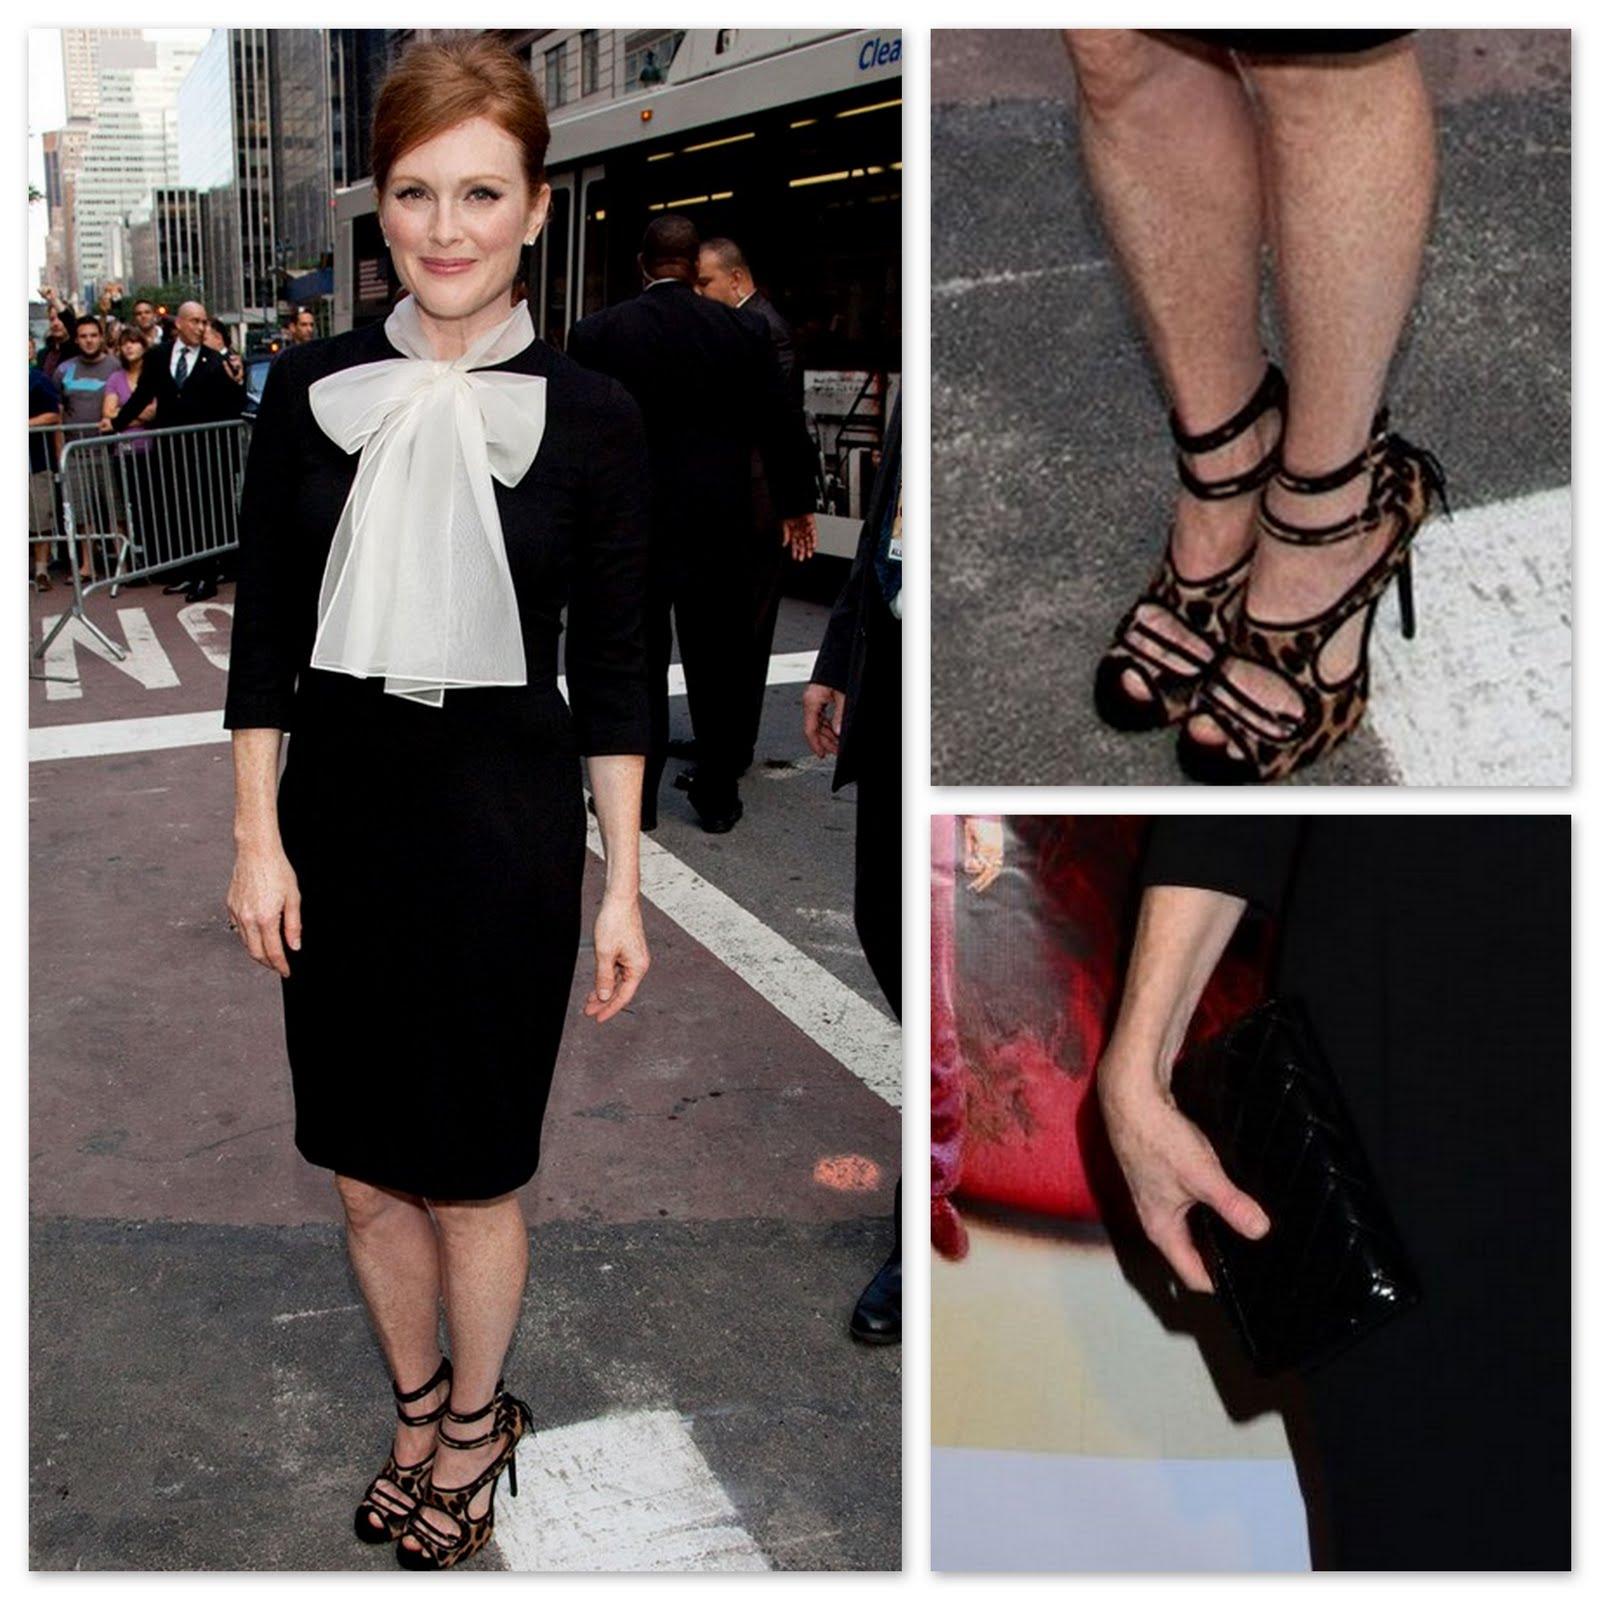 http://2.bp.blogspot.com/-MI8zR3IcXcM/Tk306qYfsqI/AAAAAAAAFPo/iTDqsw8NwTM/s1600/best+dressed1.jpg